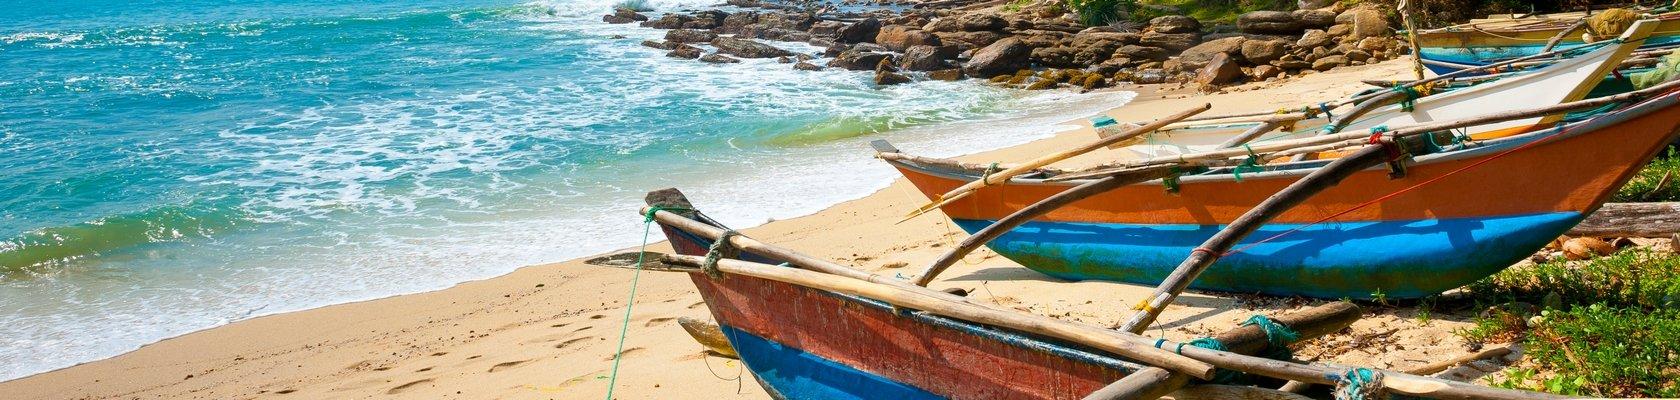 Zuidkust Sri Lanka